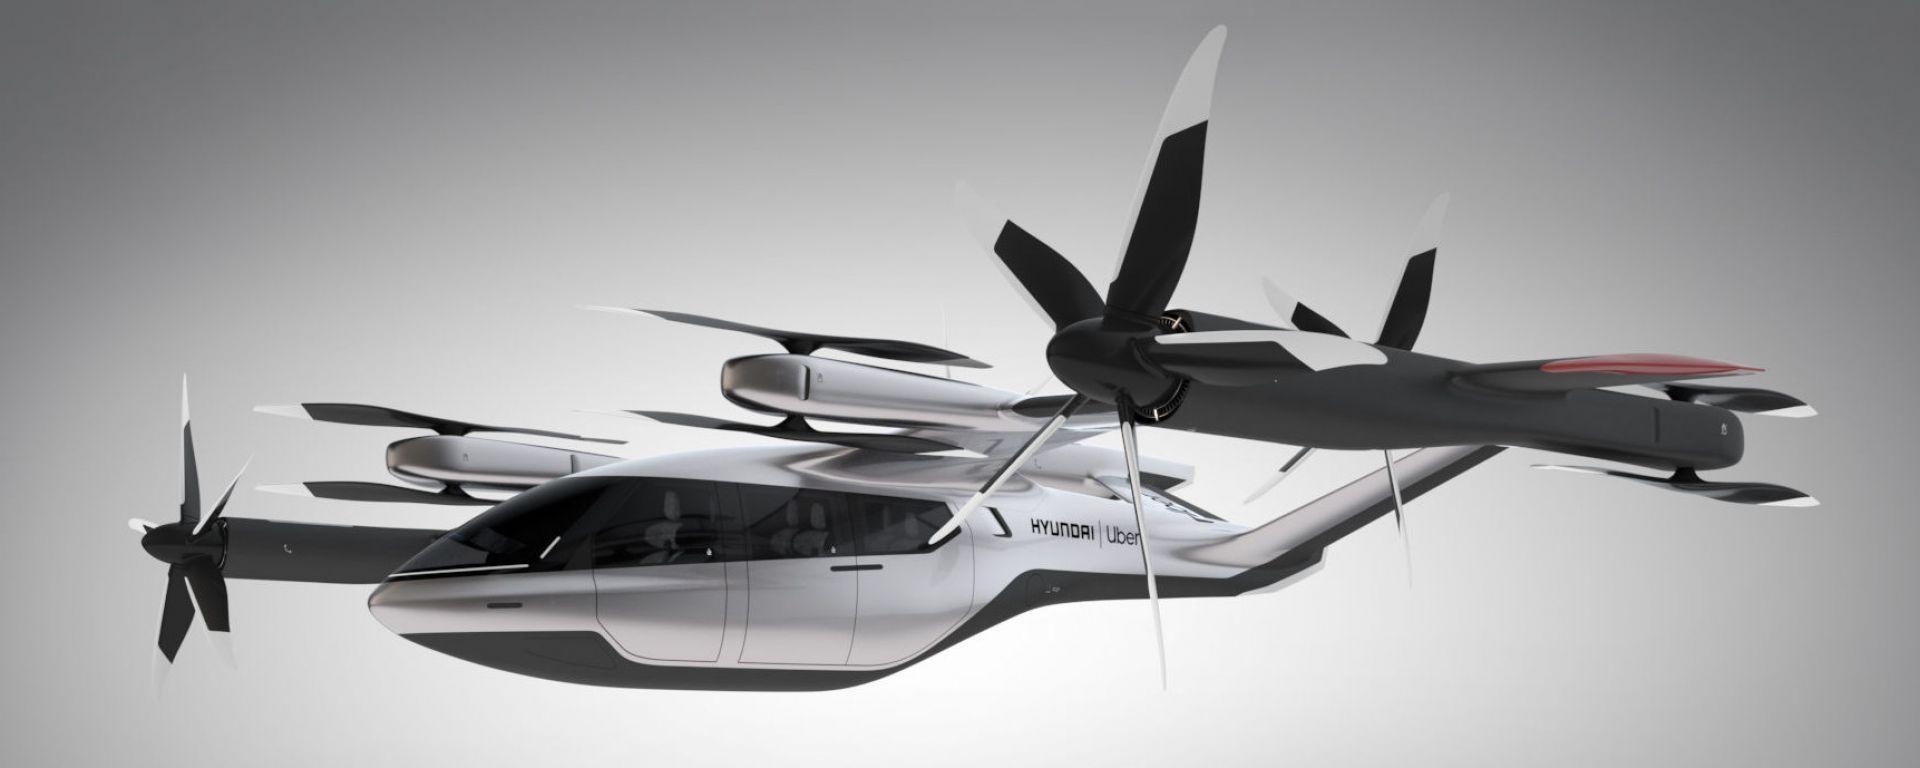 Il prototipo Hyundai S-A1